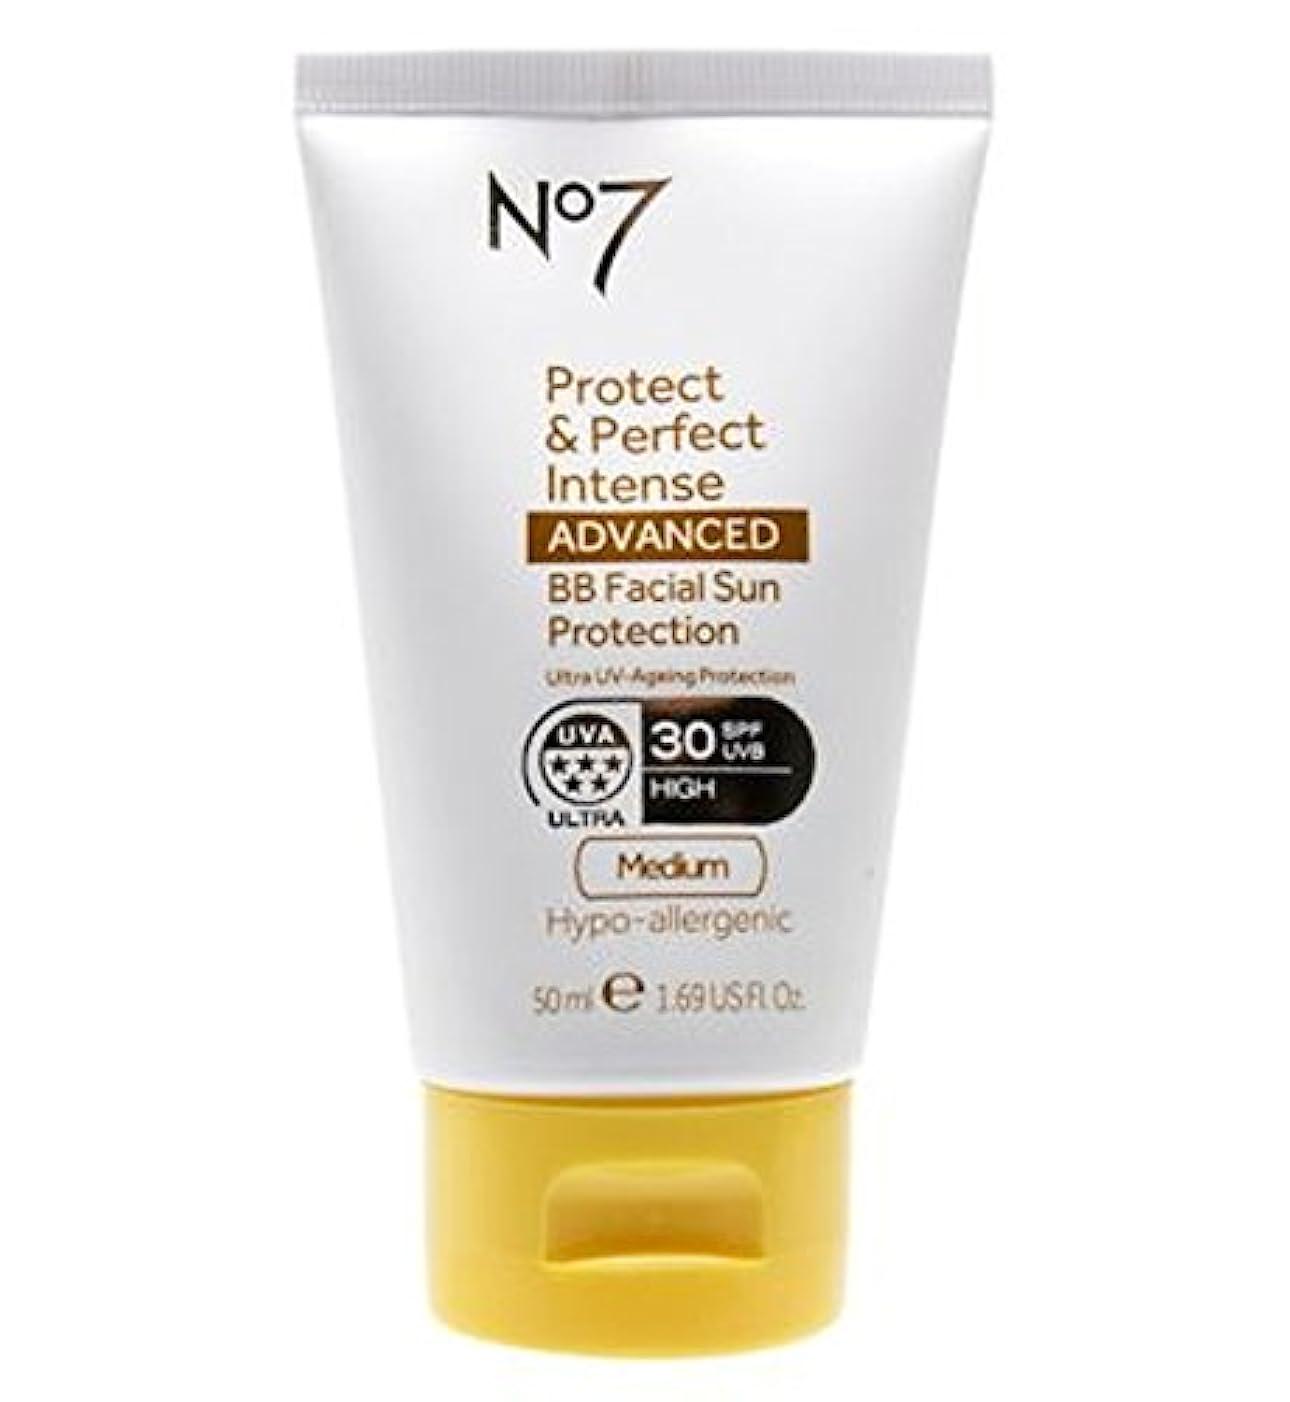 酔うパースブラックボロウまとめるNo7 Protect & Perfect Intense ADVANCED BB Facial Sun Protection SPF30 Medium 50ml - No7保護&完璧な強烈な先進Bb顔の日焼け防止Spf30...